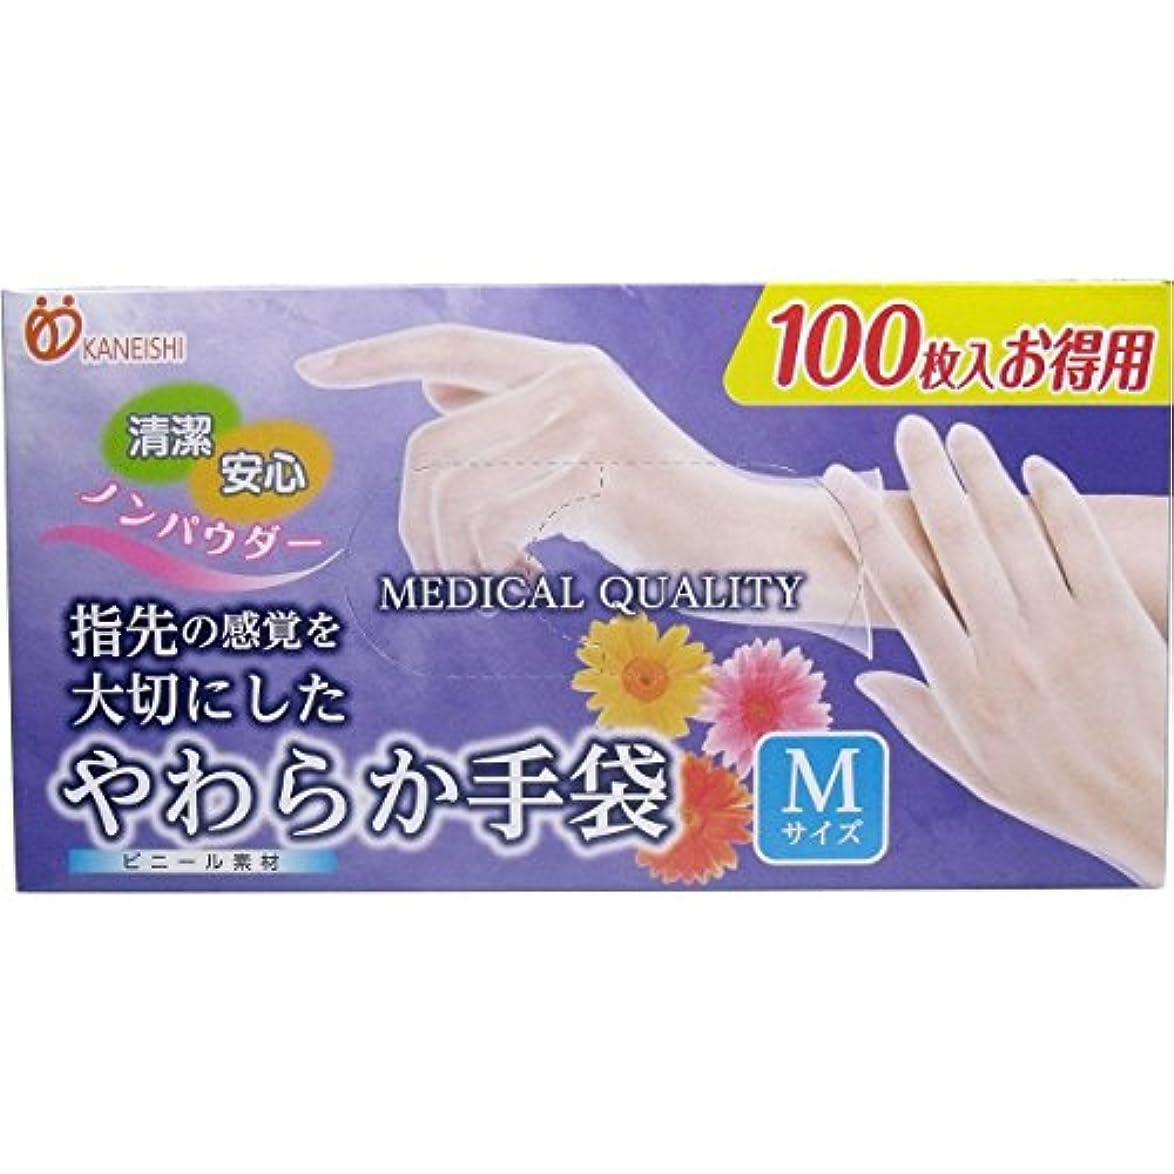 促進するご飯入射やわらか手袋 ビニール素材 Mサイズ 100枚入x4